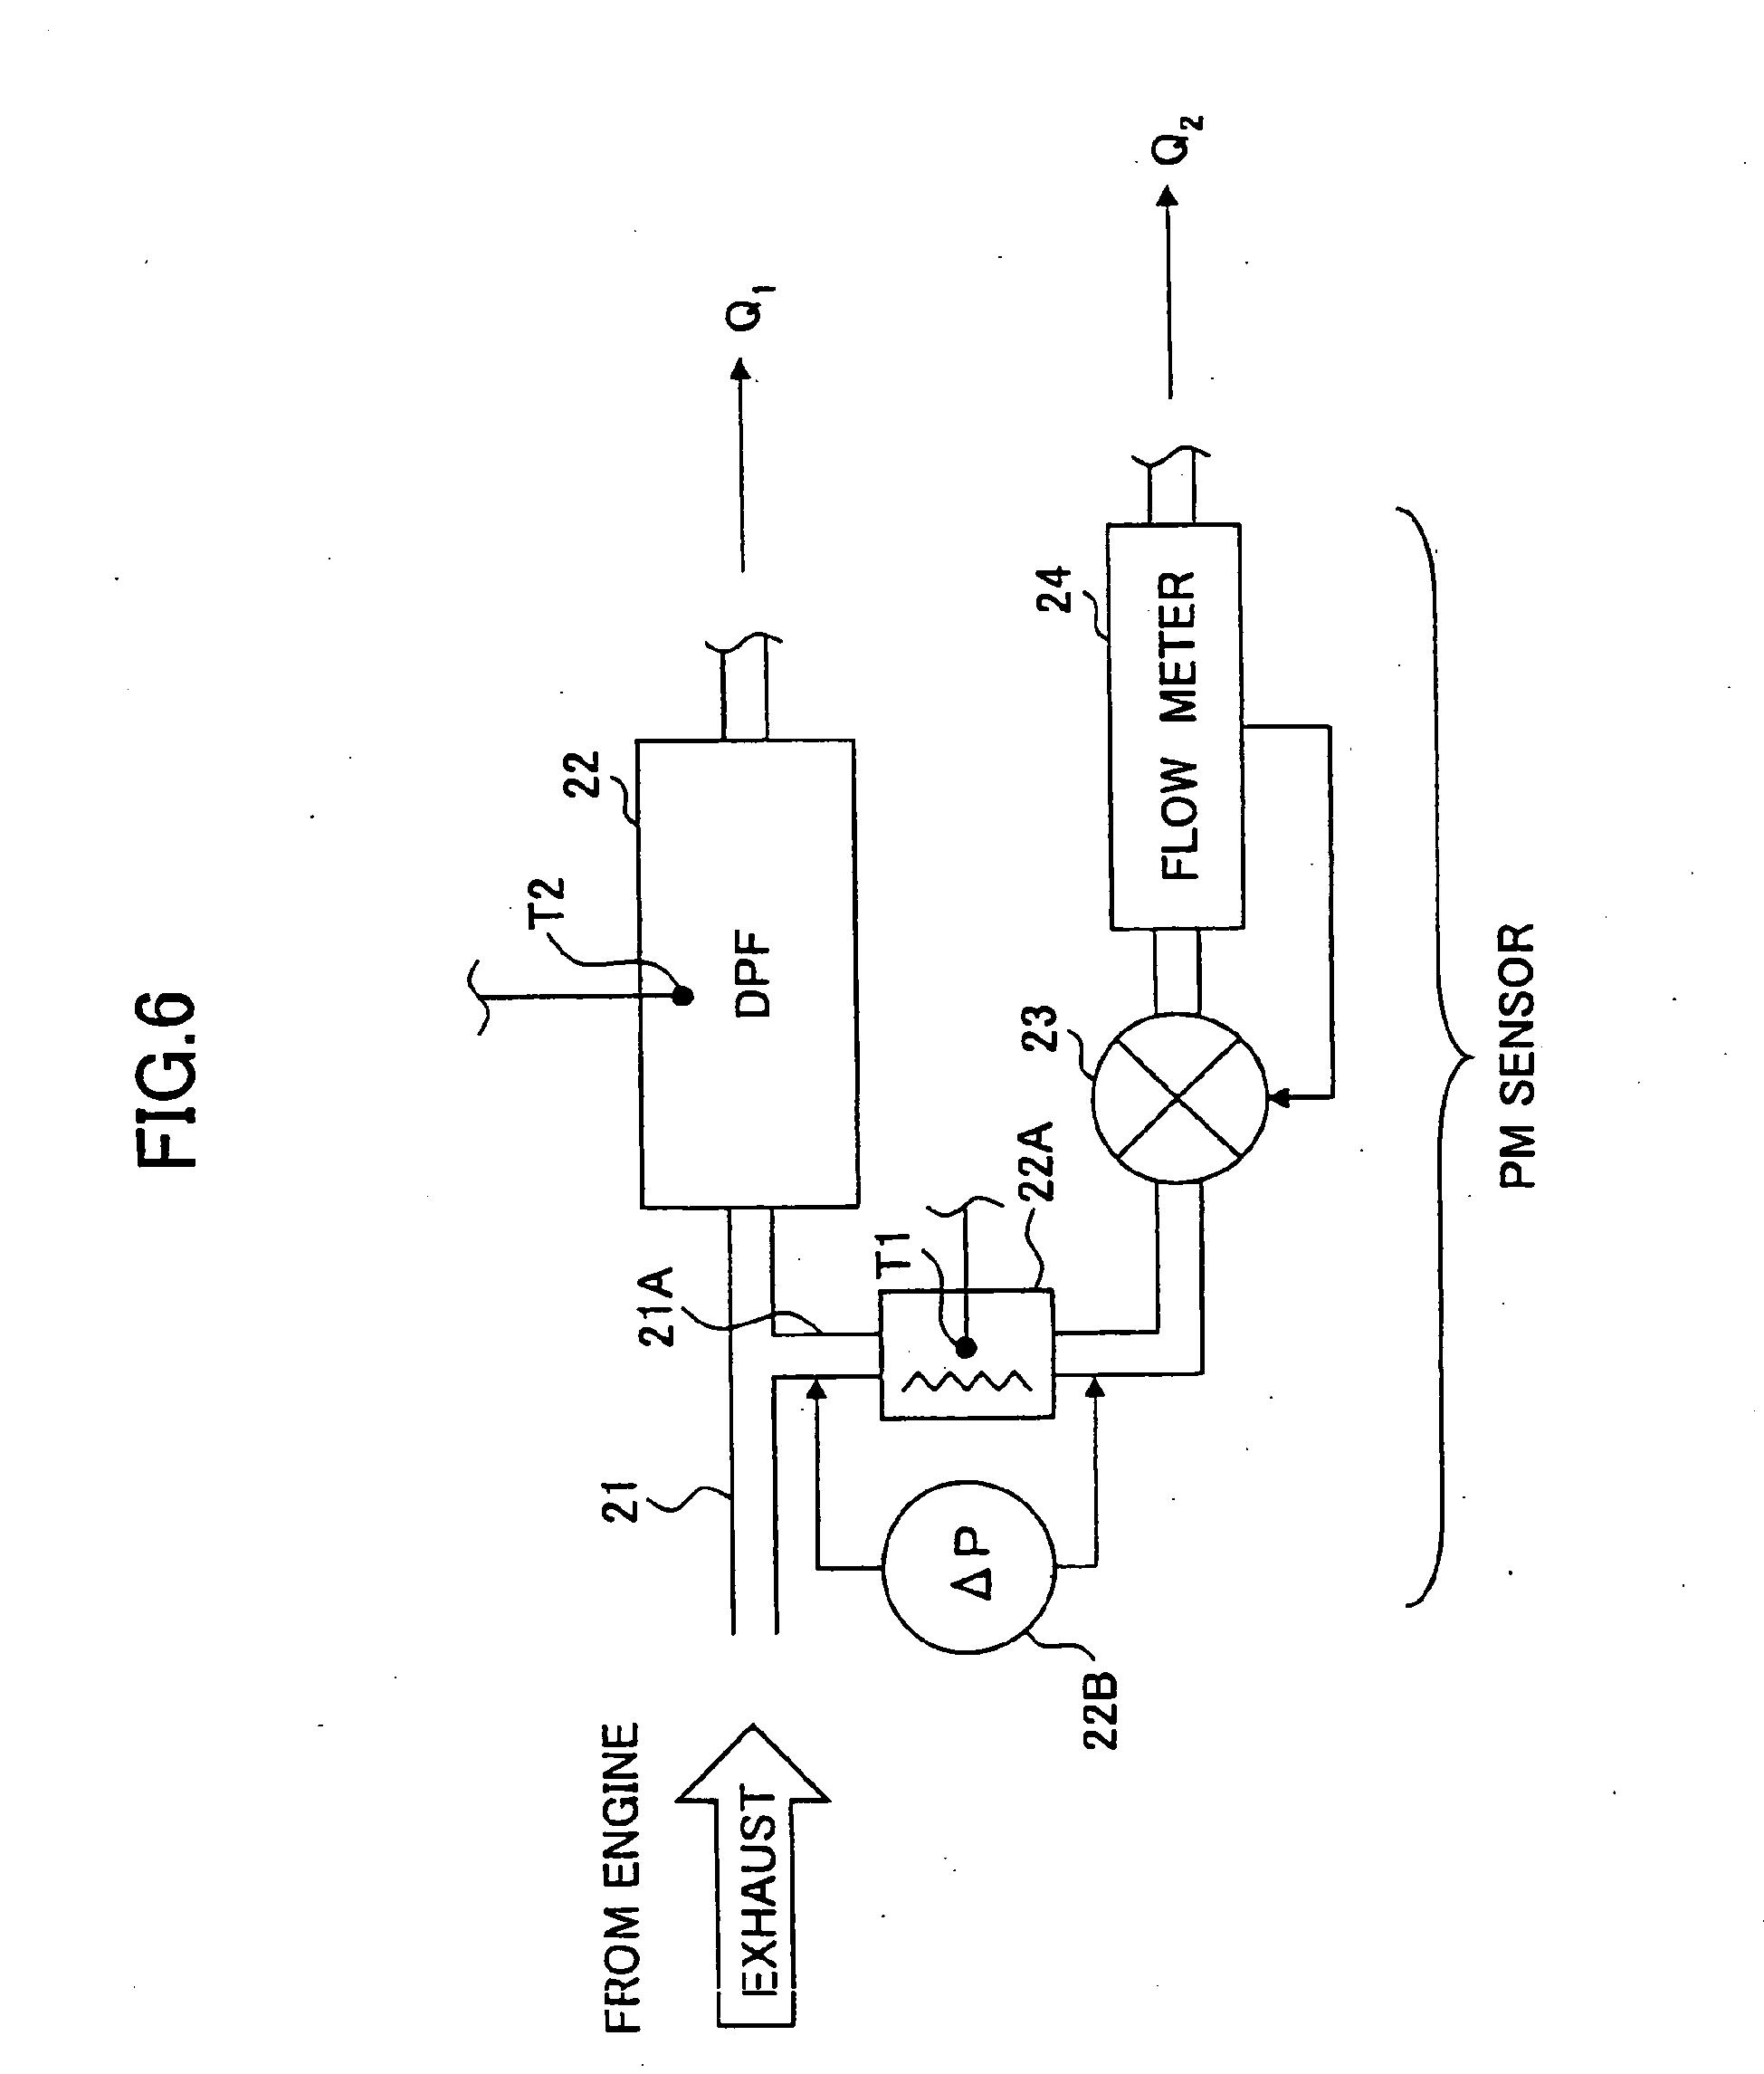 专利ep1921289b1 - exhaust